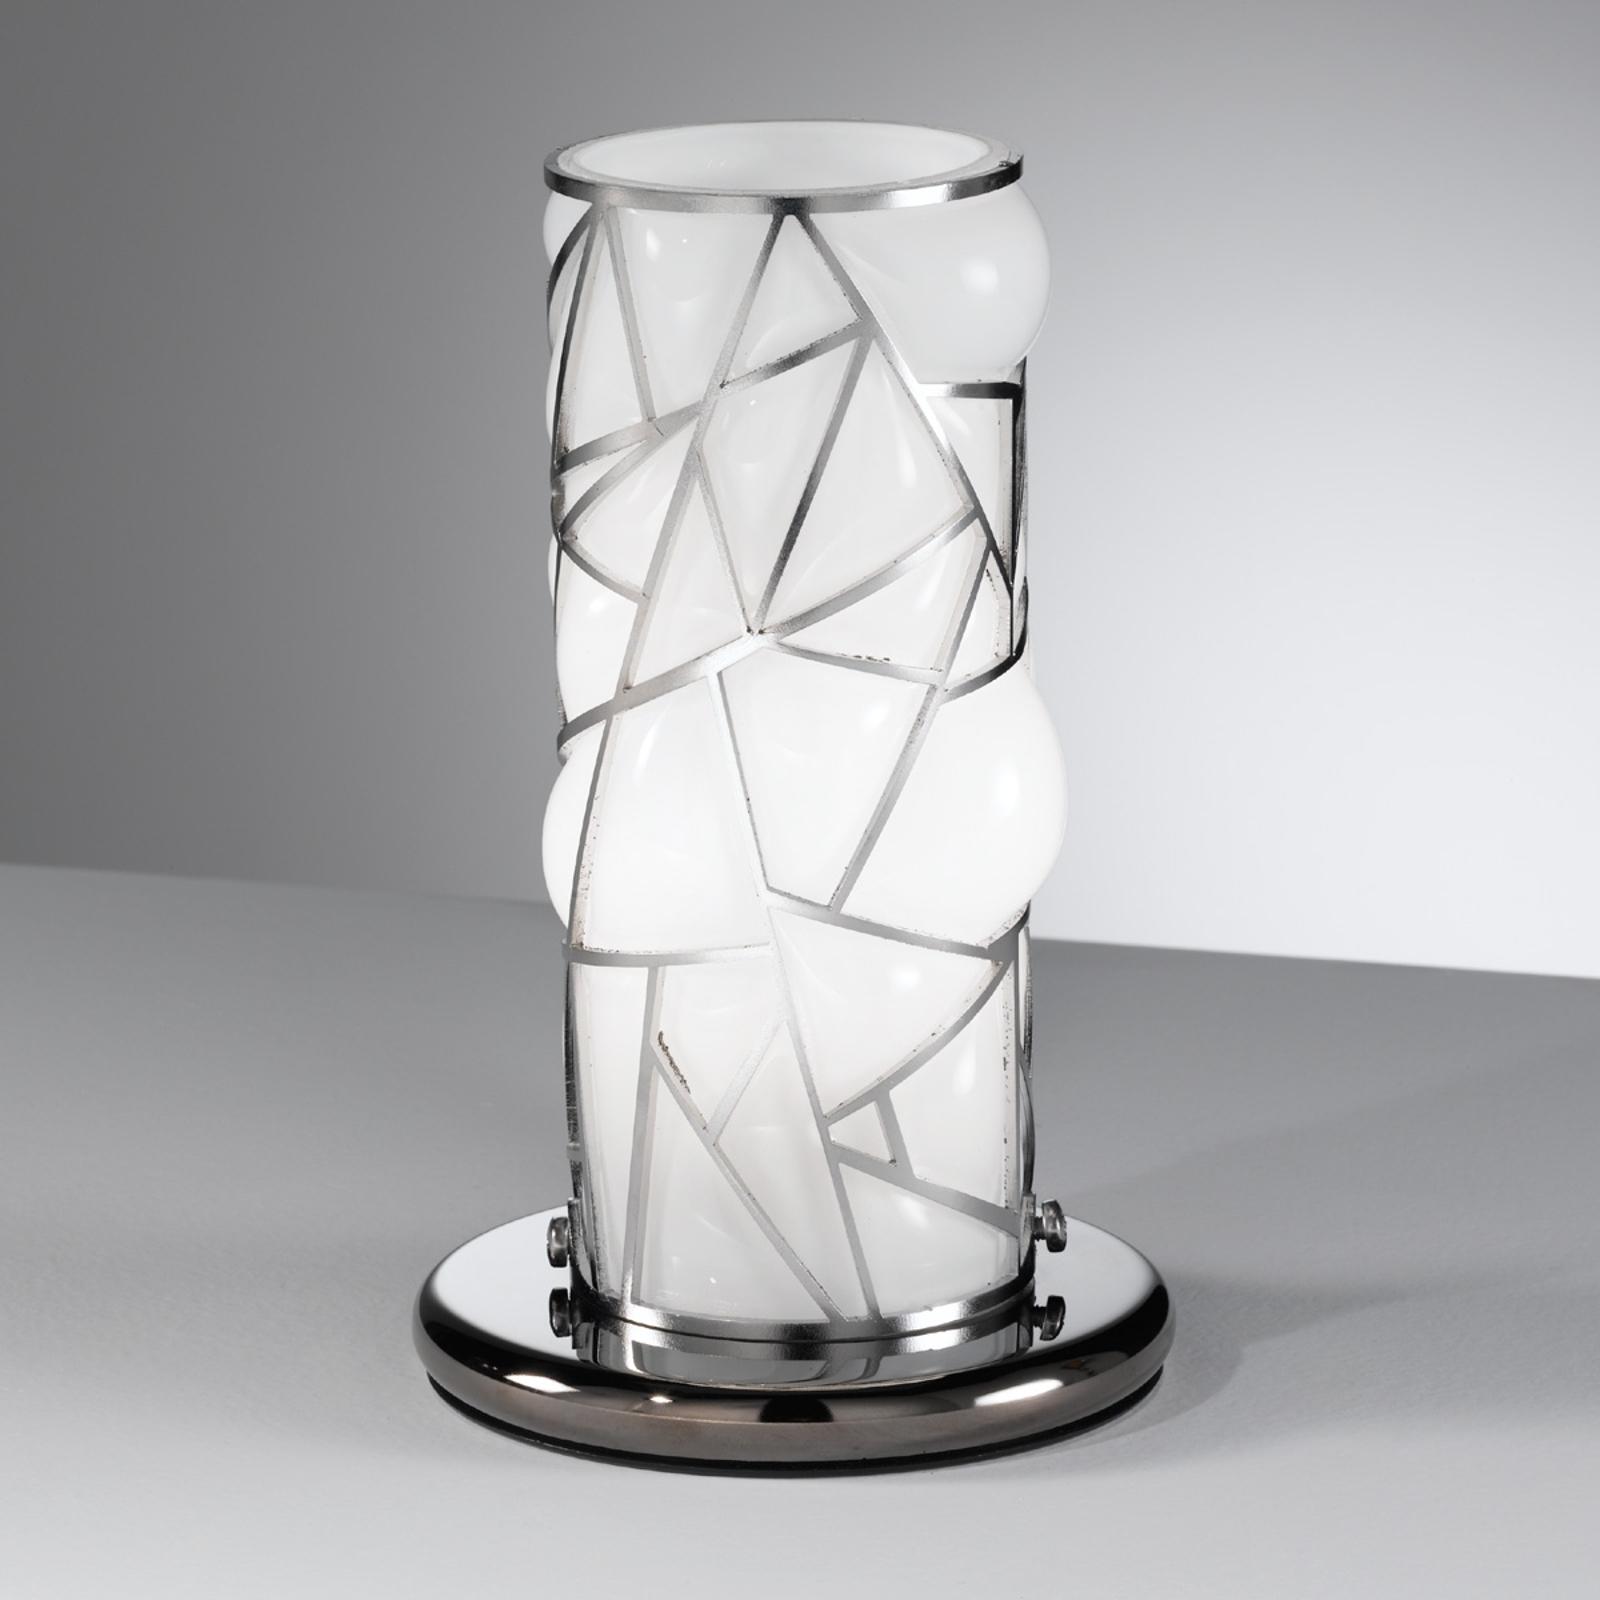 Lampa stołowa Orione z elementami stali biała